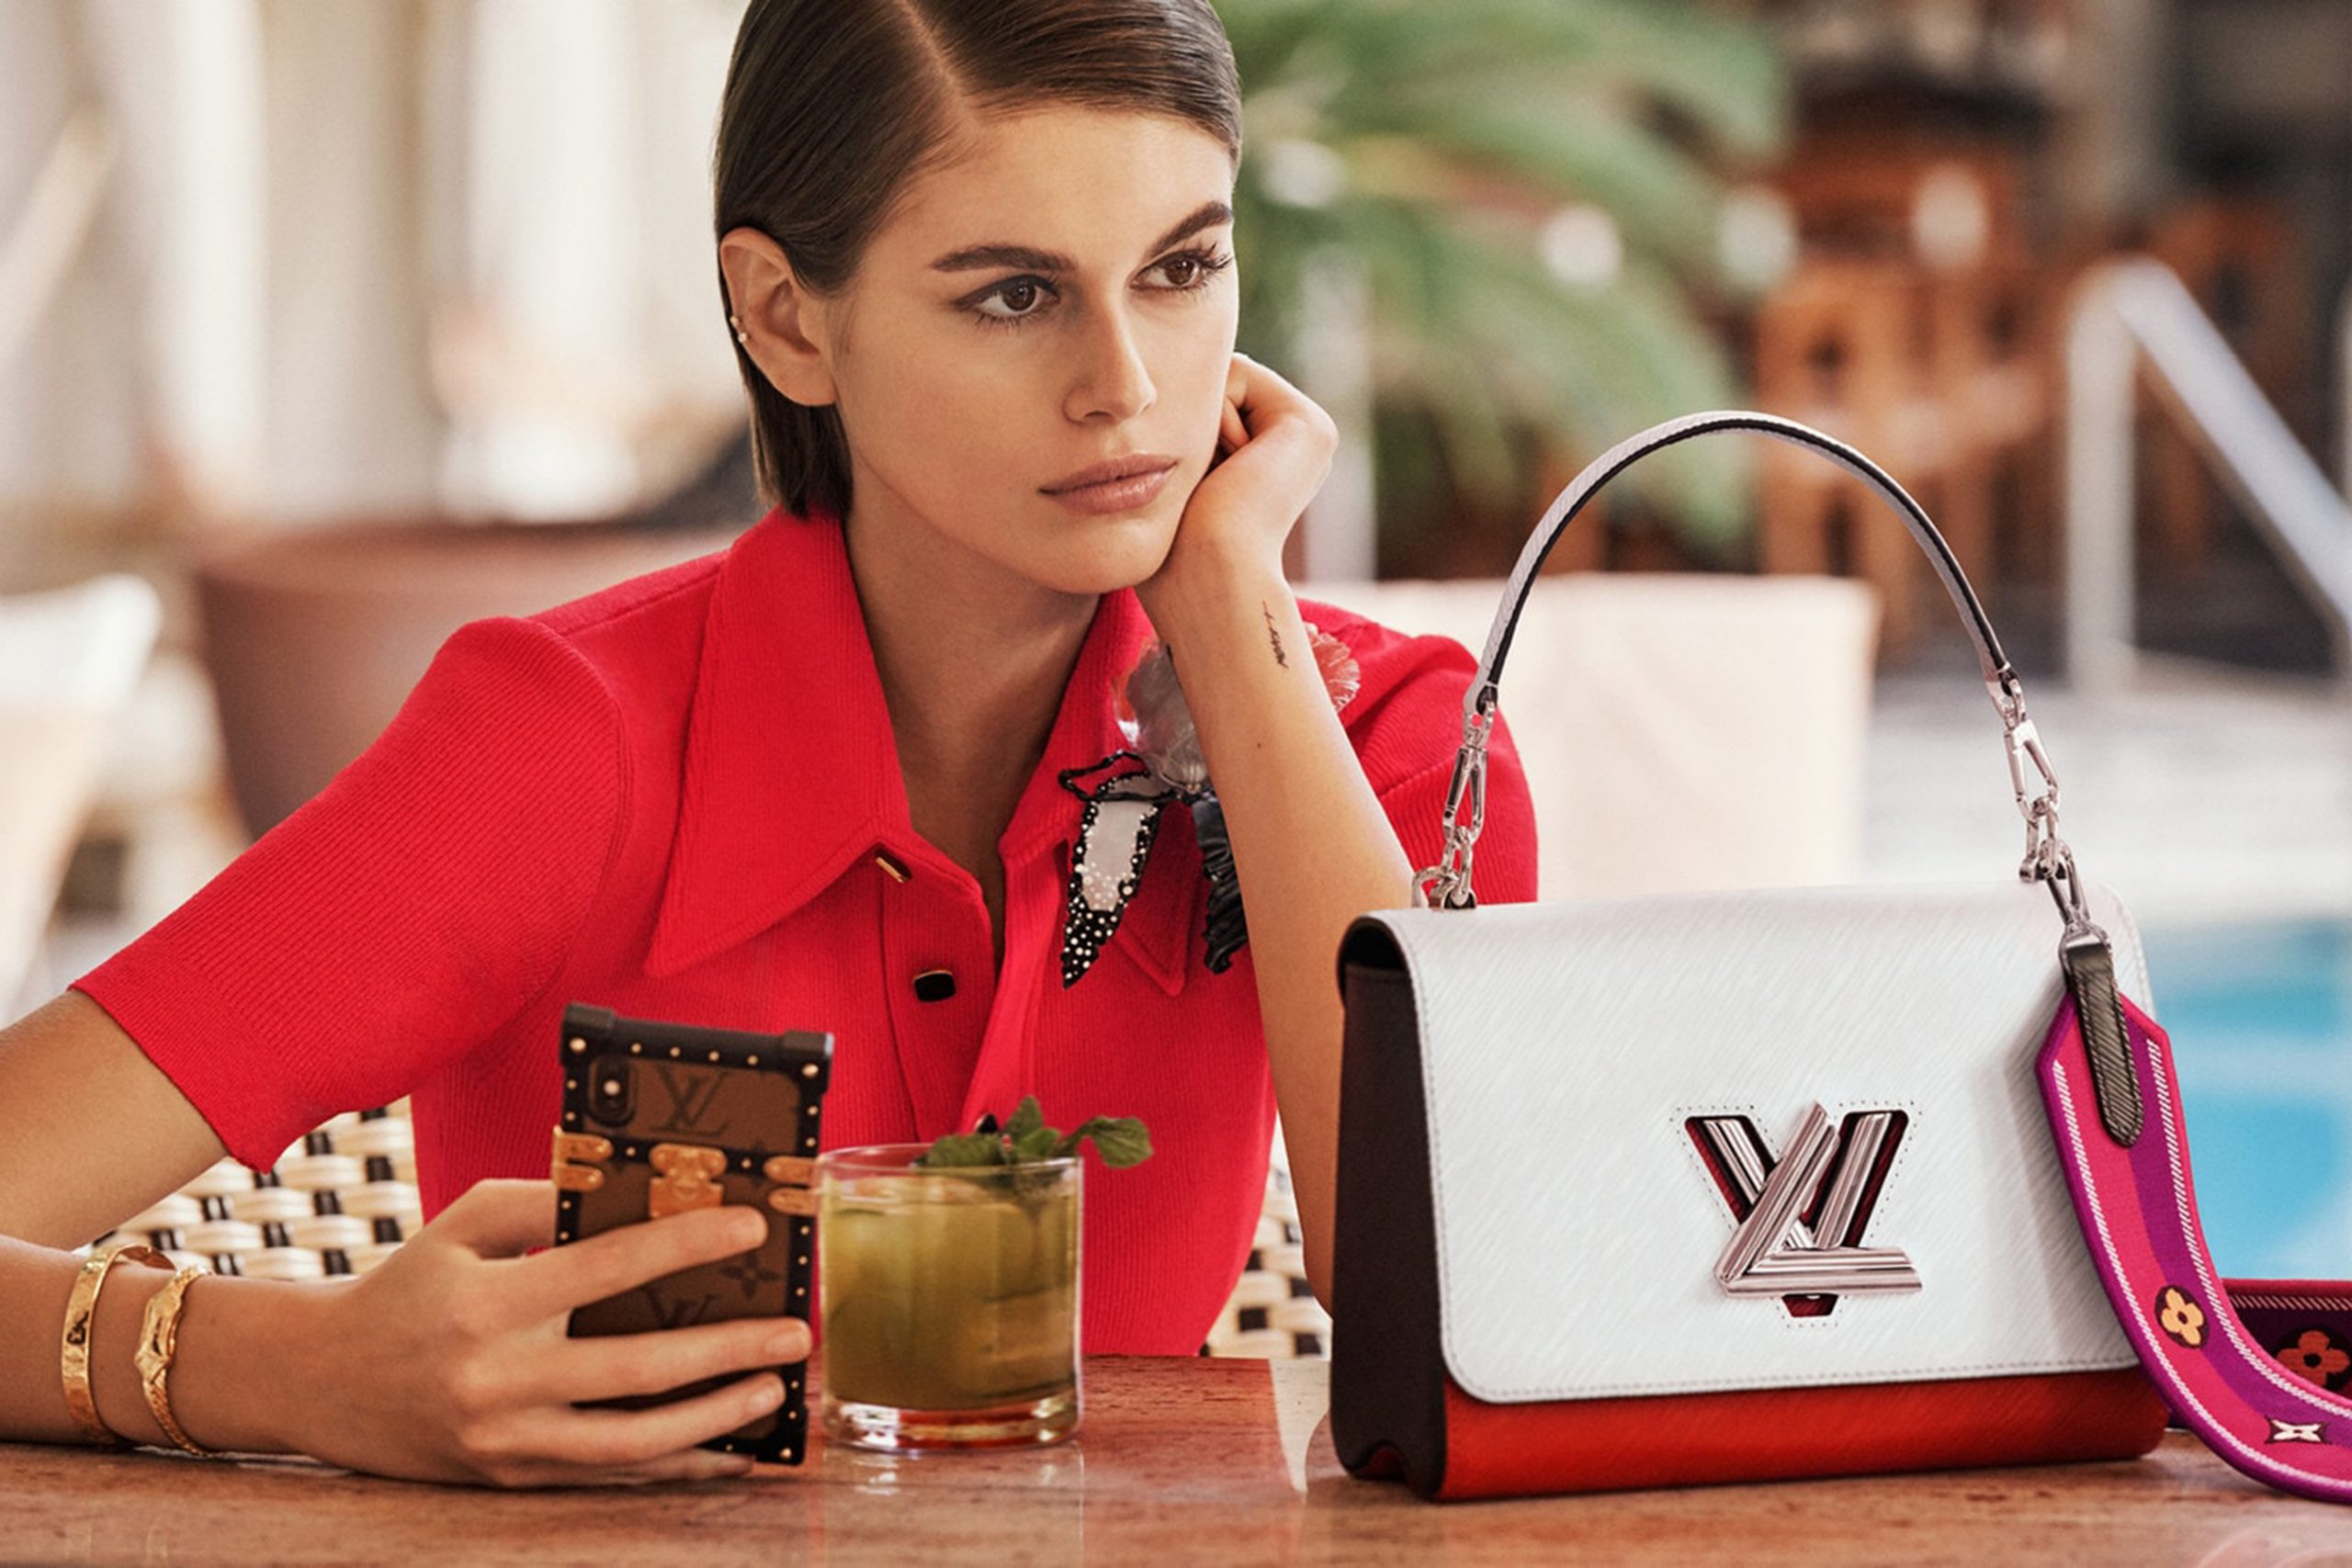 Louis Vuitton Twist Bag Spring 2020 Fashion Ad Campaign Photos